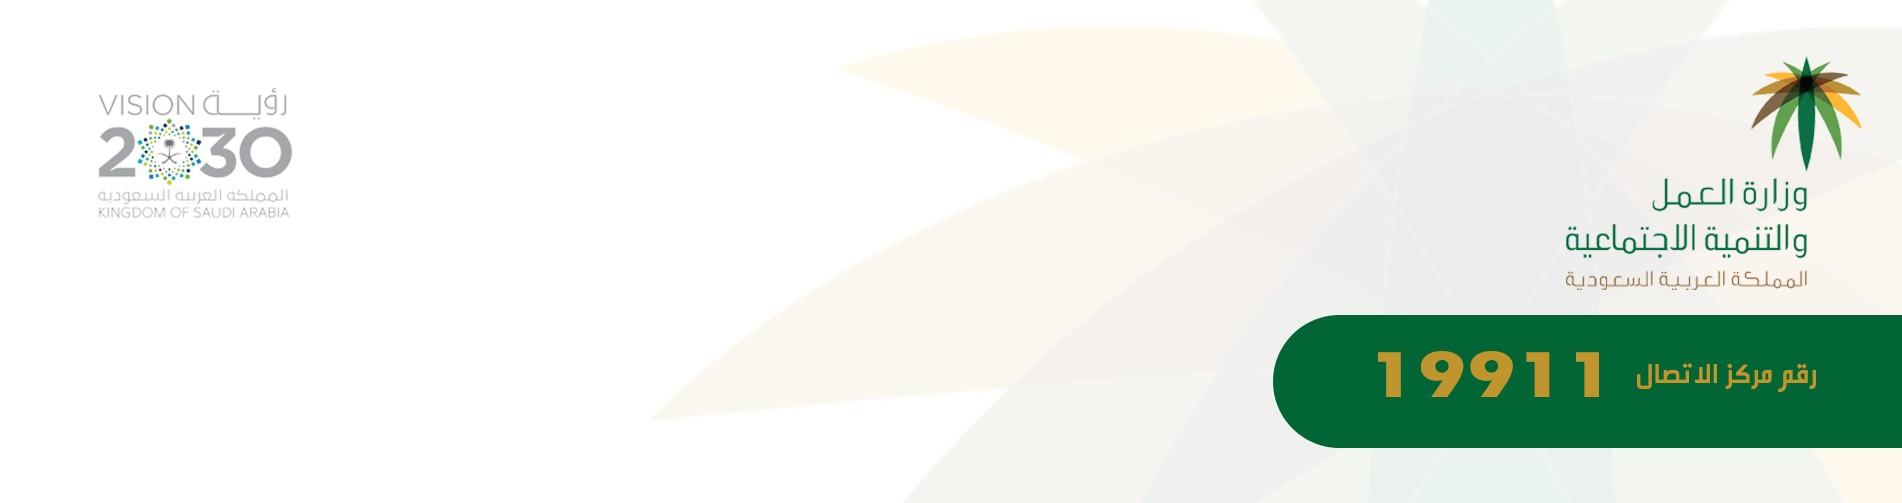 Ministry of Labor and Social Development - MLSD - KSA | LinkedIn